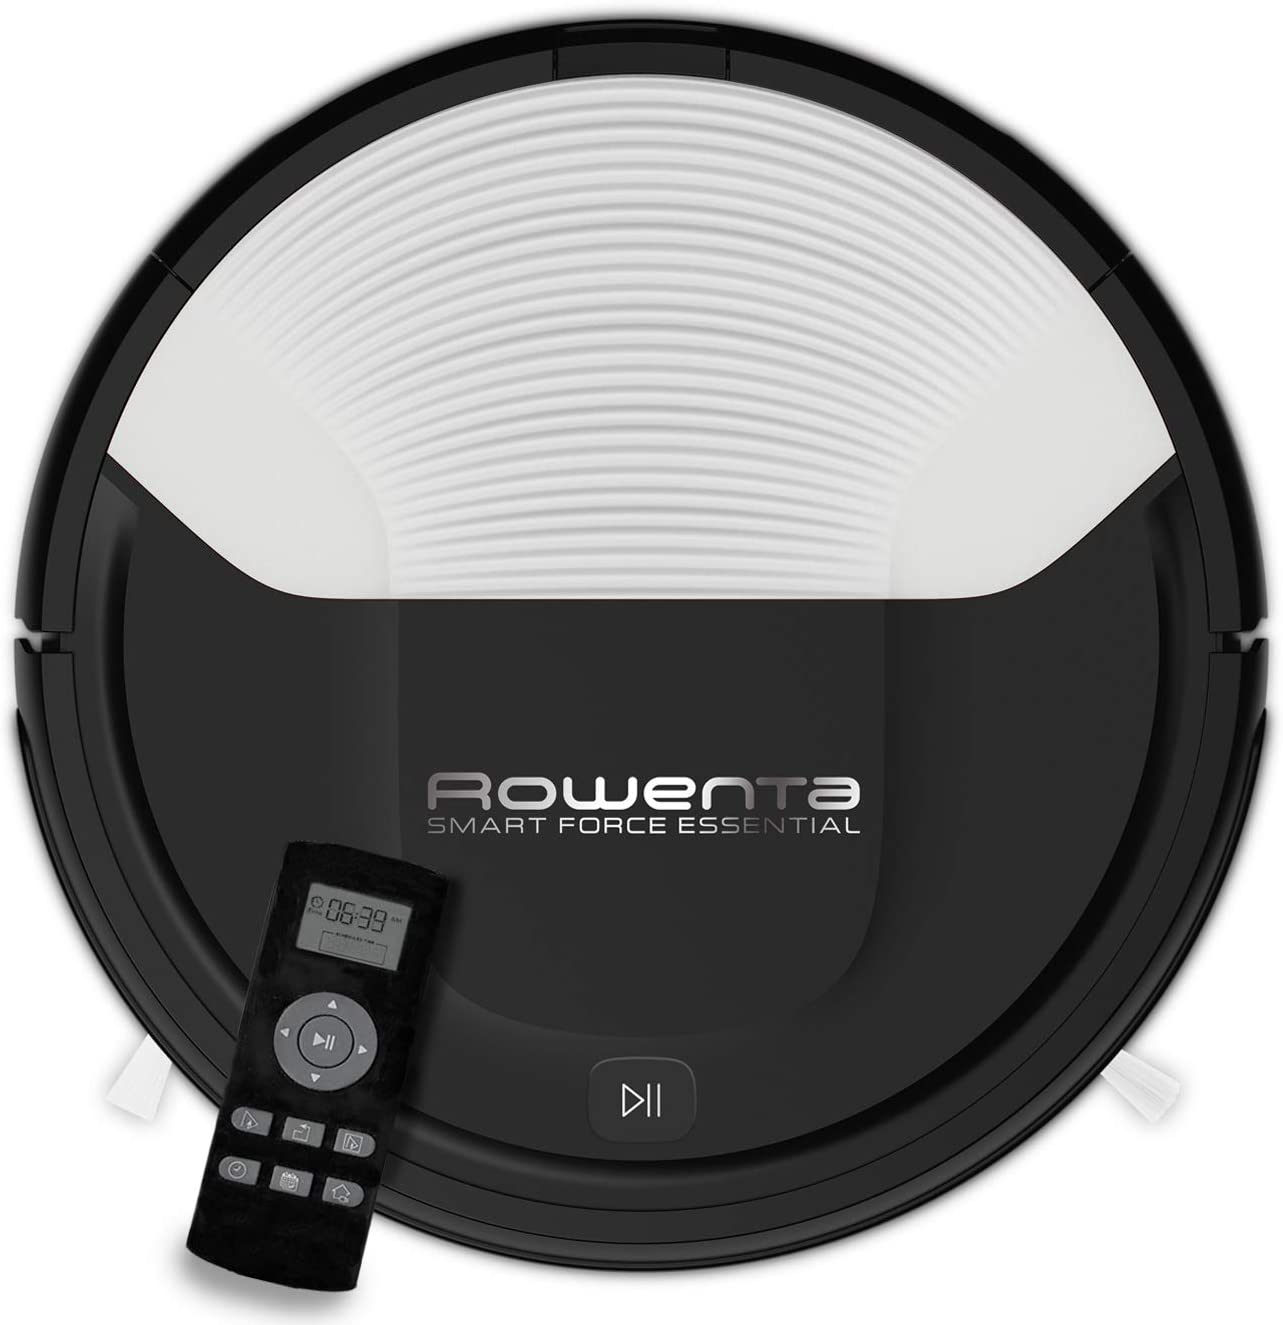 Rowenta RR6927WH Smart Force - Robot aspirador, con sensores anticaída y bateria de ión-litio, 150 minutos de autonomía apto para todo tipo de suelos, fácil limpieza y vaciado, interfaz intuitiva: Amazon.es: Hogar